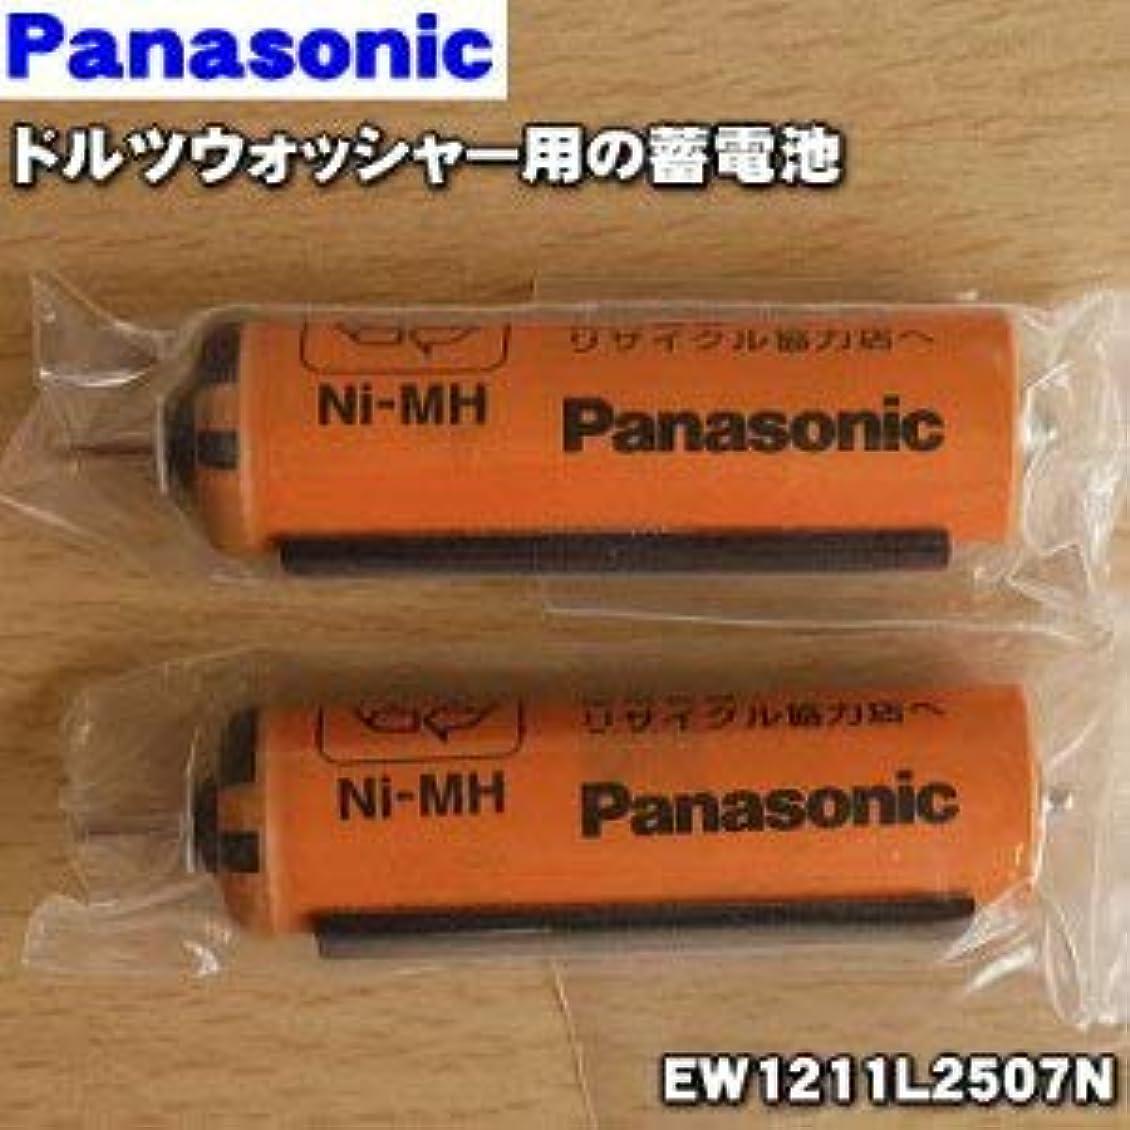 訪問すごいしつけパナソニック Panasonic 音波振動ハブラシ Doltz 蓄電池交換用蓄電池 EW1211L2507N